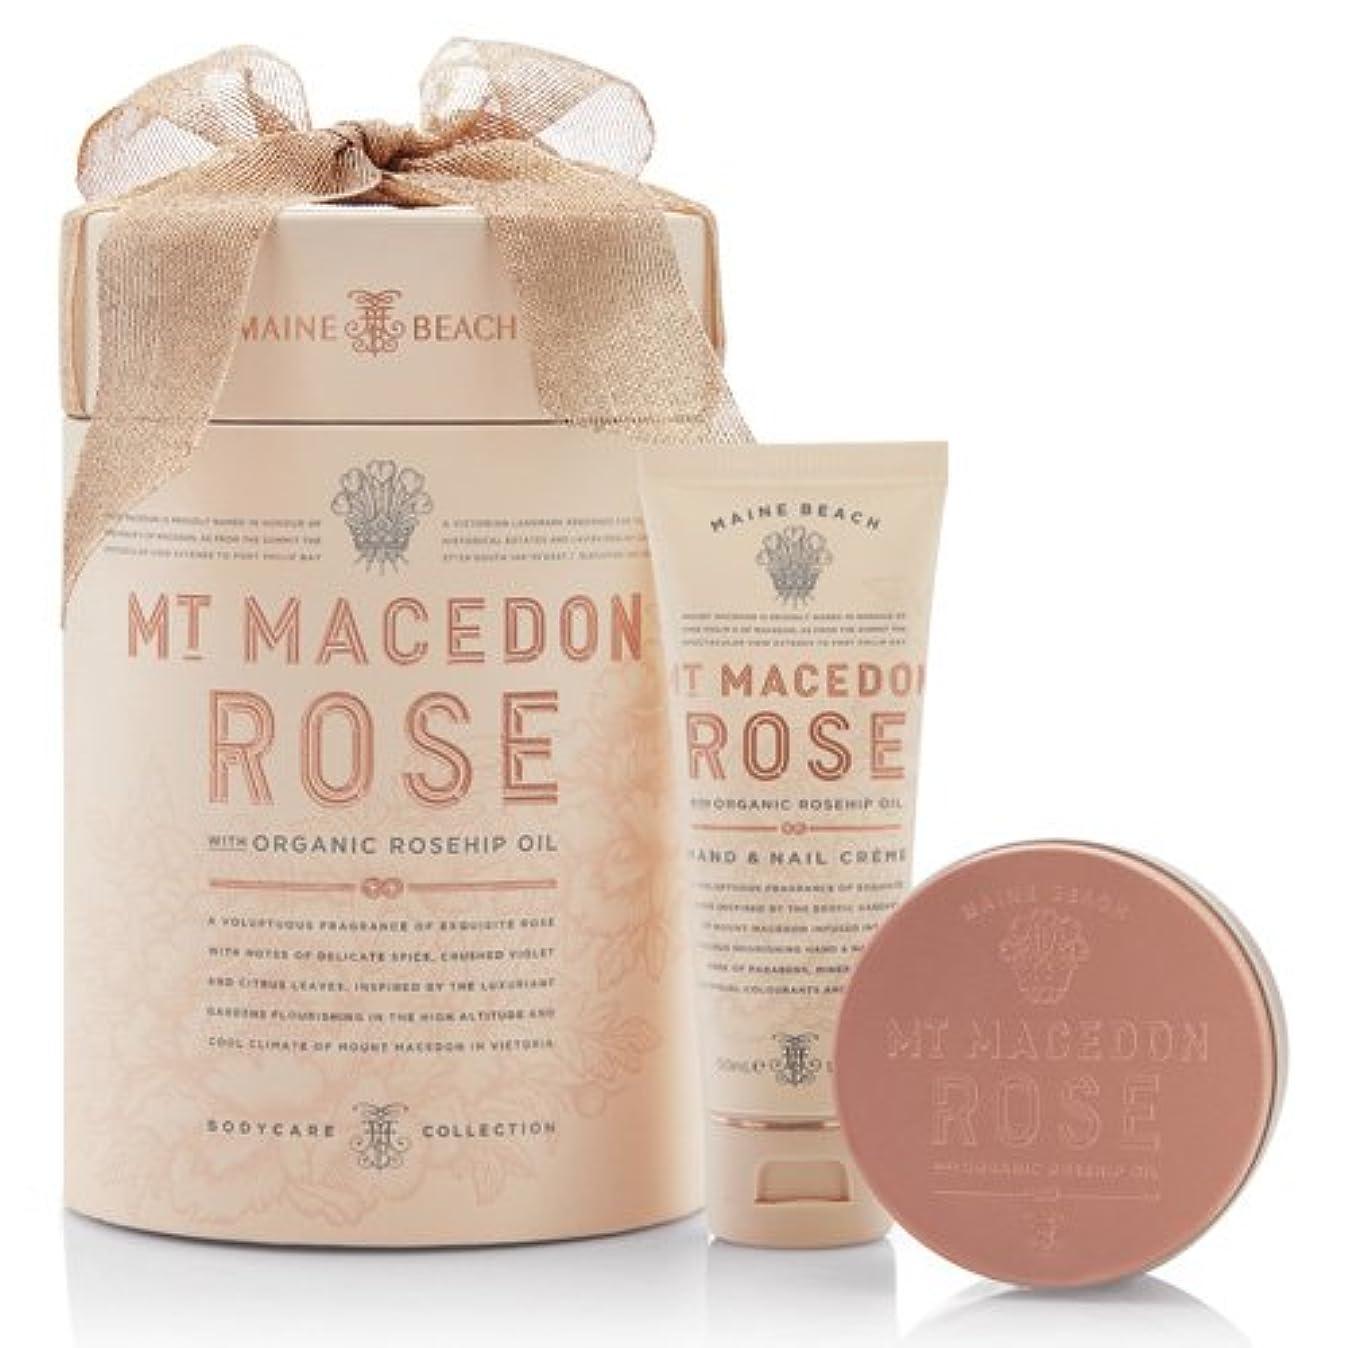 ワークショップタックル脅威MAINE BEACH マインビーチ MT MACEDON ROSE マウント マセドン ローズ Duo Gift Pack